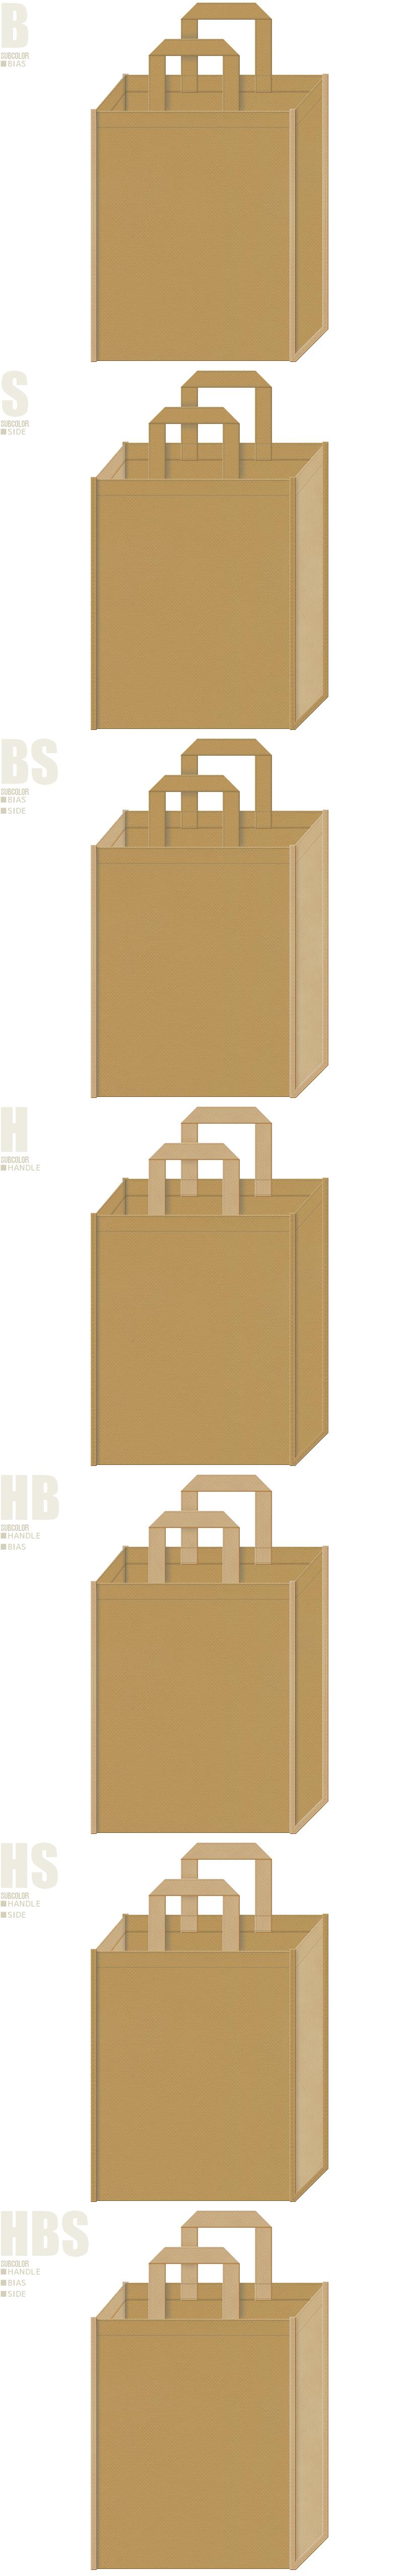 作業用品・日曜大工用品・DIYの展示会用バッグにお奨めの不織布バッグデザイン:金黄土色とカーキ色の不織布バッグ配色7パターン。